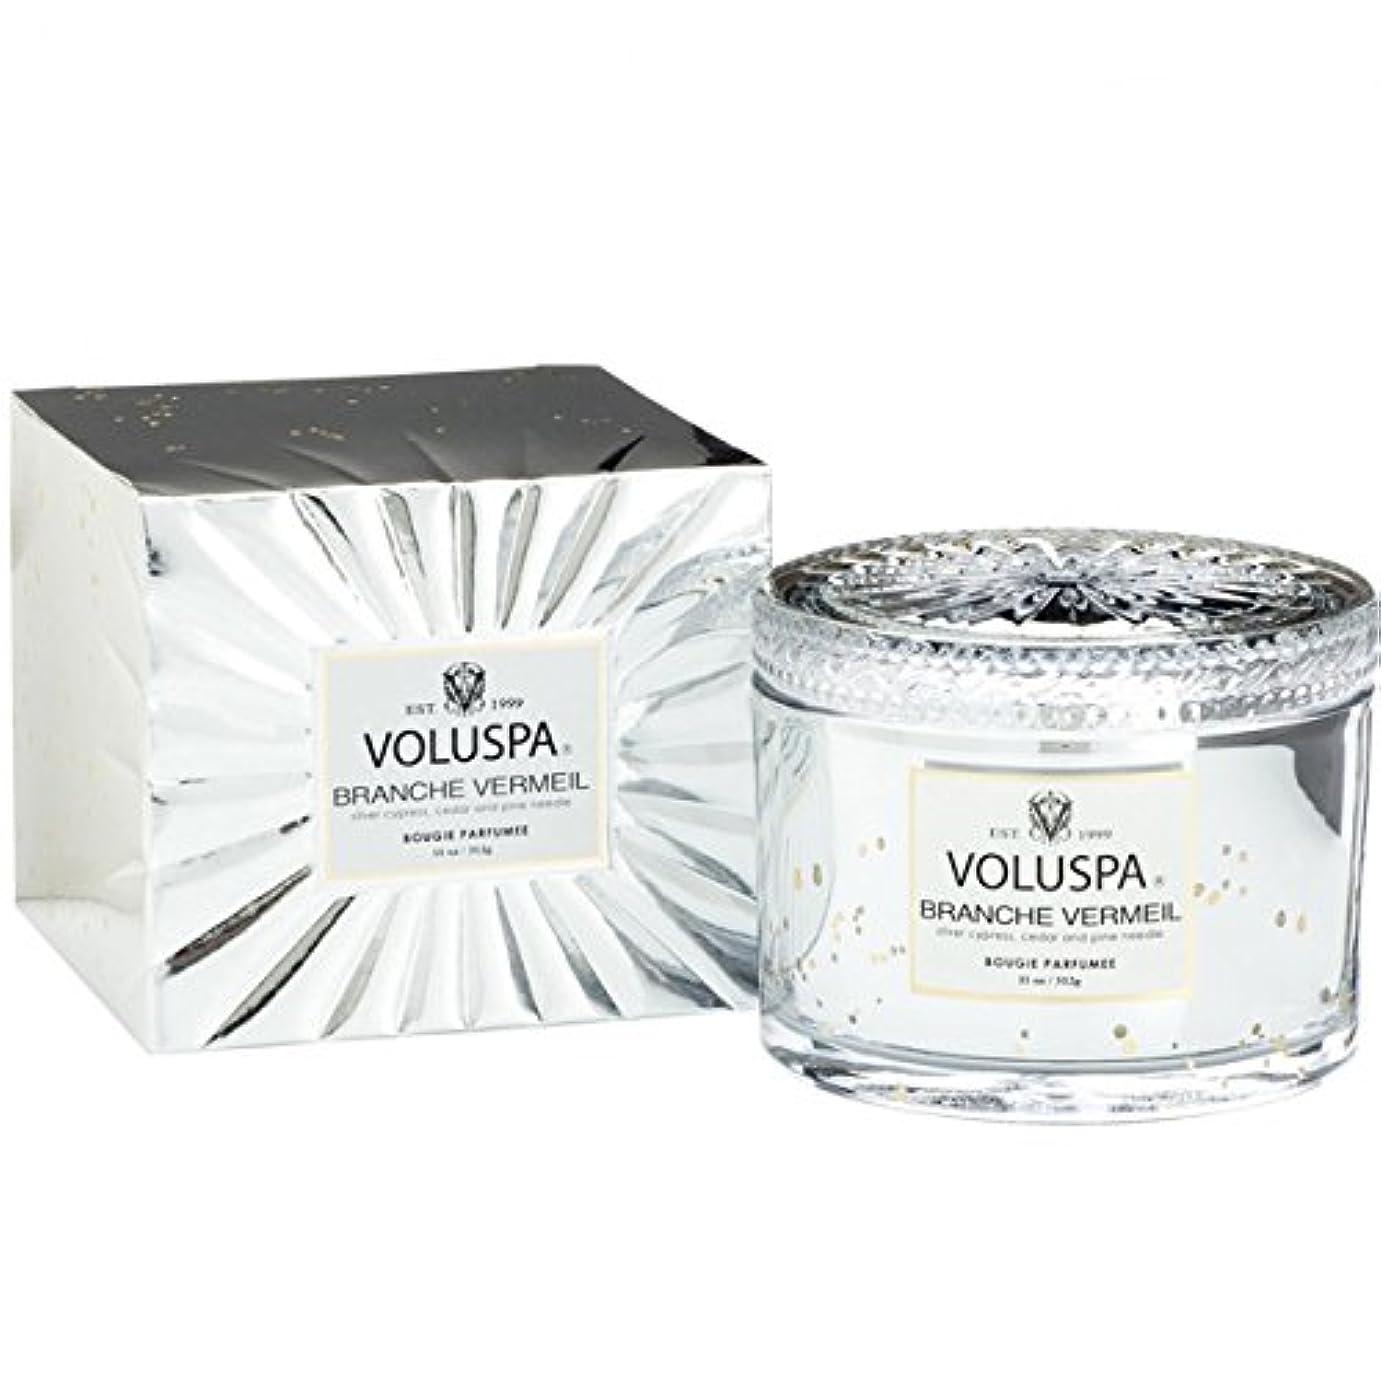 ホステスおびえた英語の授業がありますVoluspa ボルスパ ヴァーメイル ボックス入り グラスキャンドル フ?ランチヴァーメイル BRANCHE VERMEIL VERMEIL BOX Glass Candle